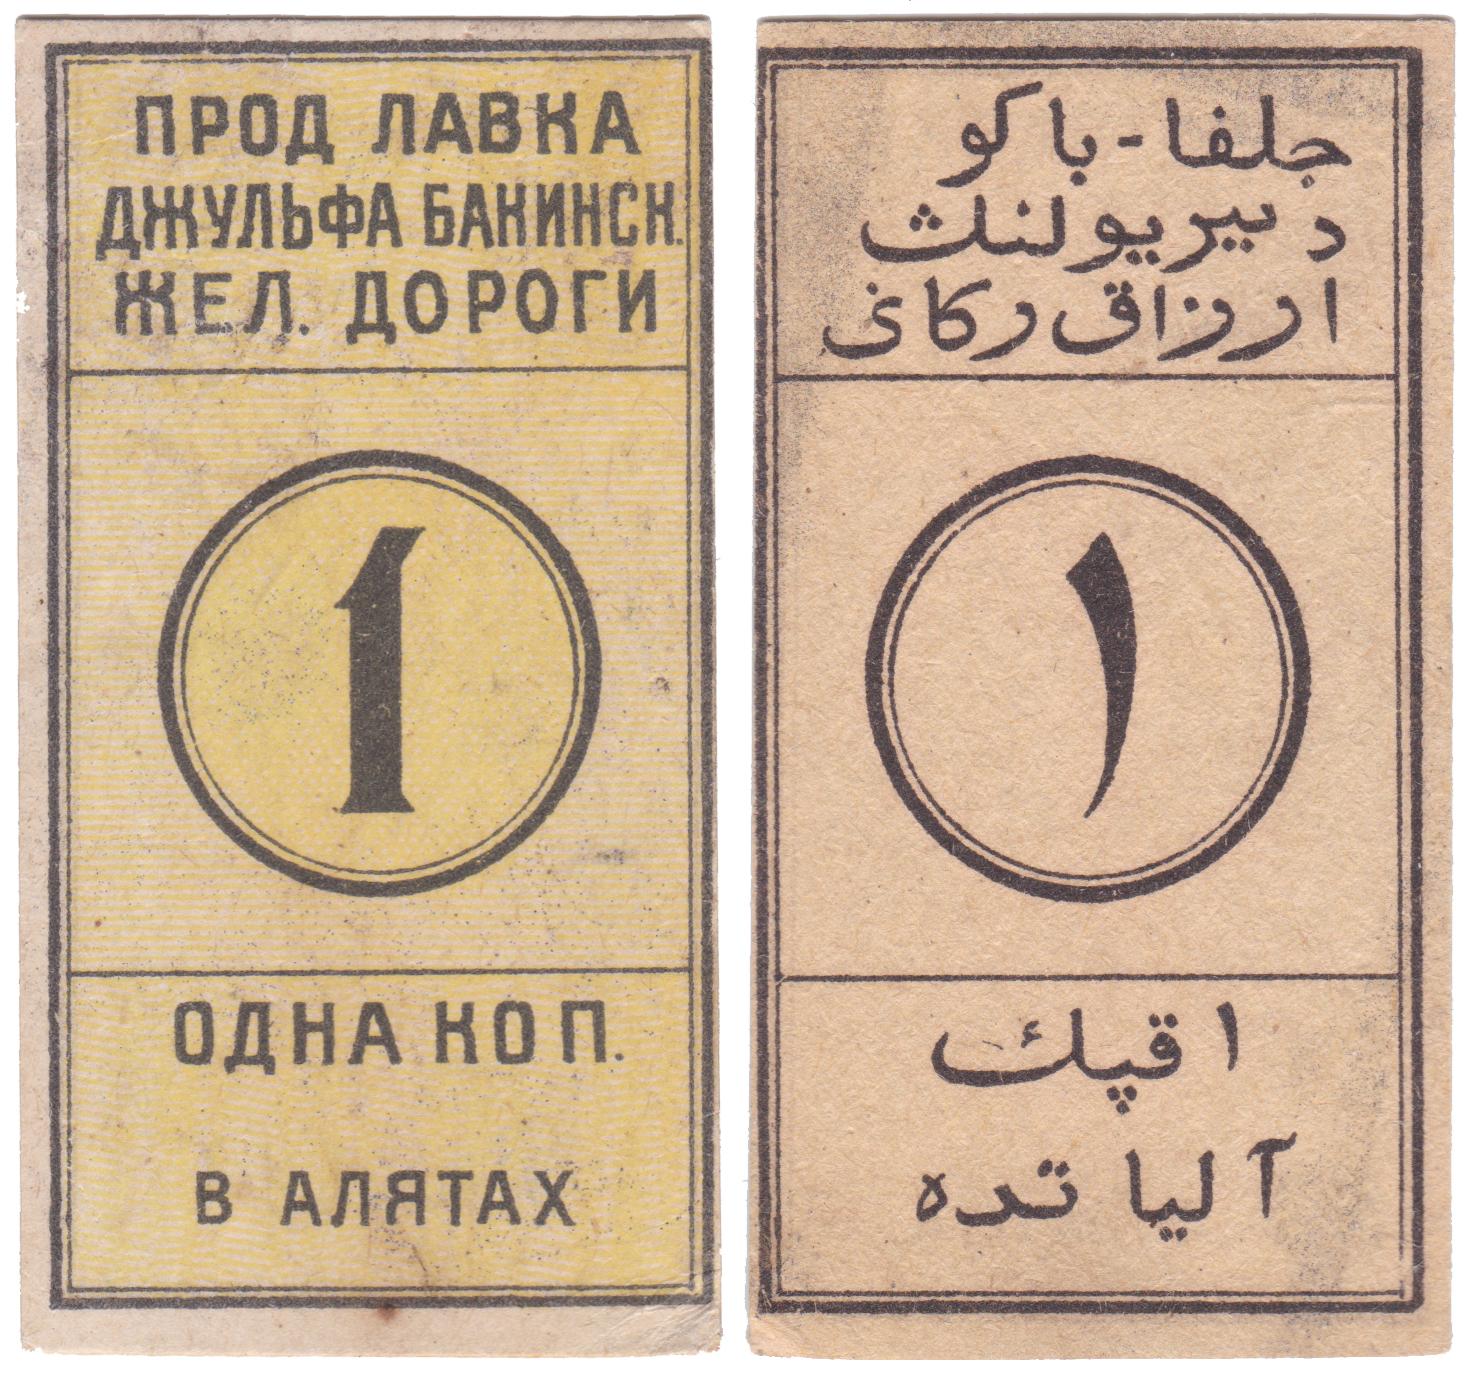 1 Копейка 1918 год. Продлавка Джульфа Бакинской железной дороги